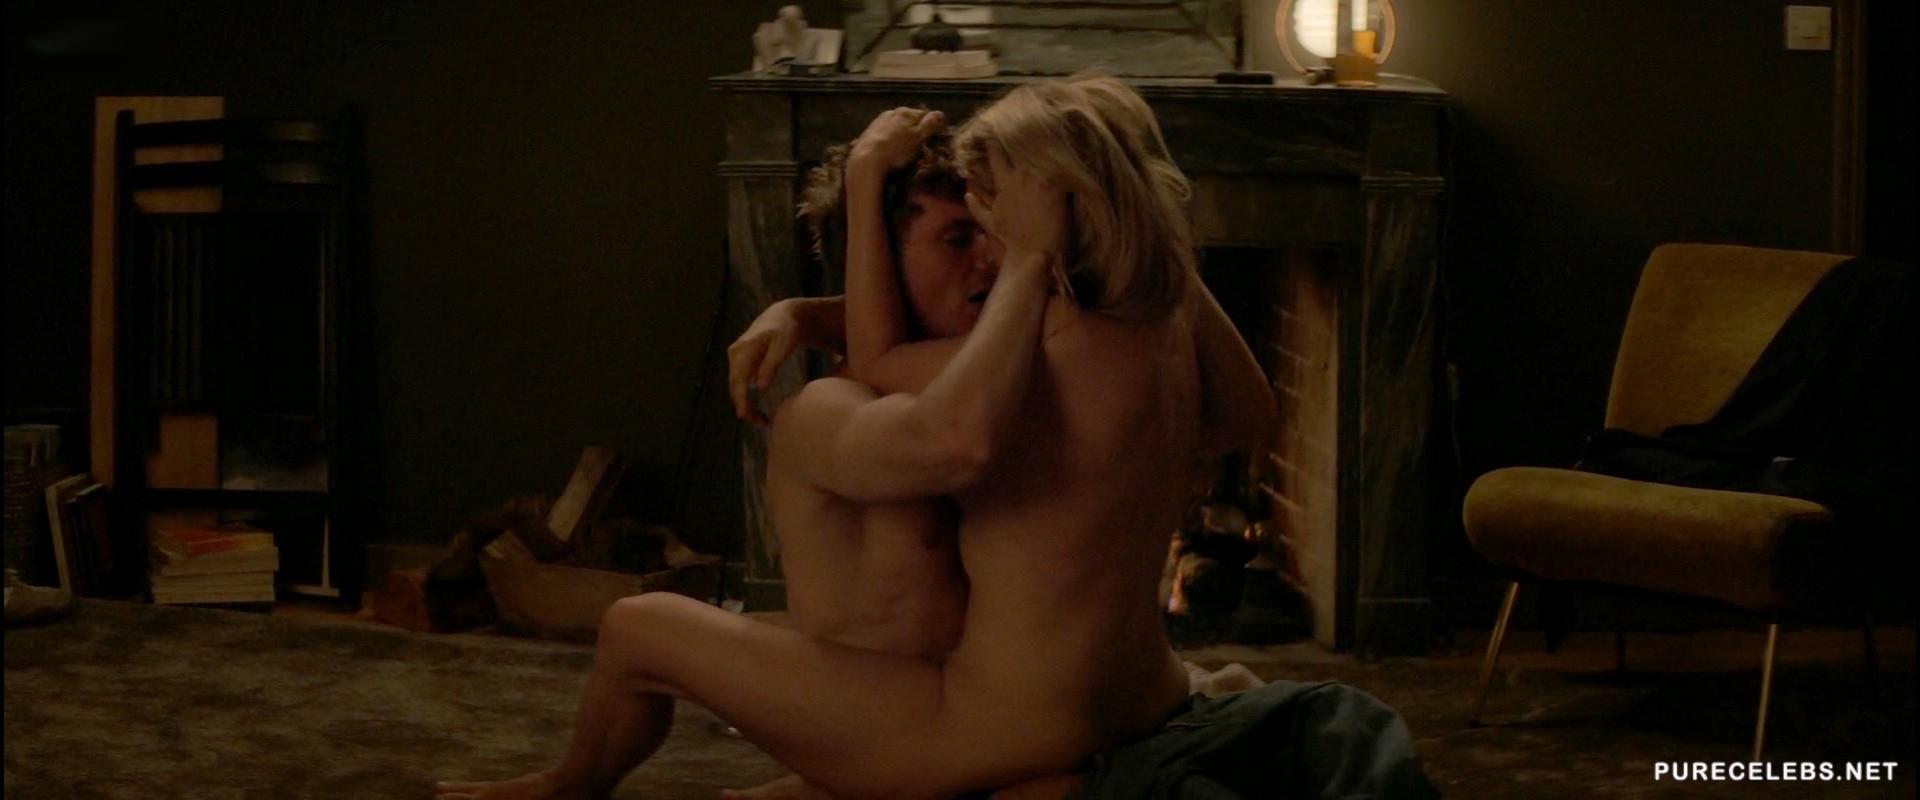 Virginie efira topless